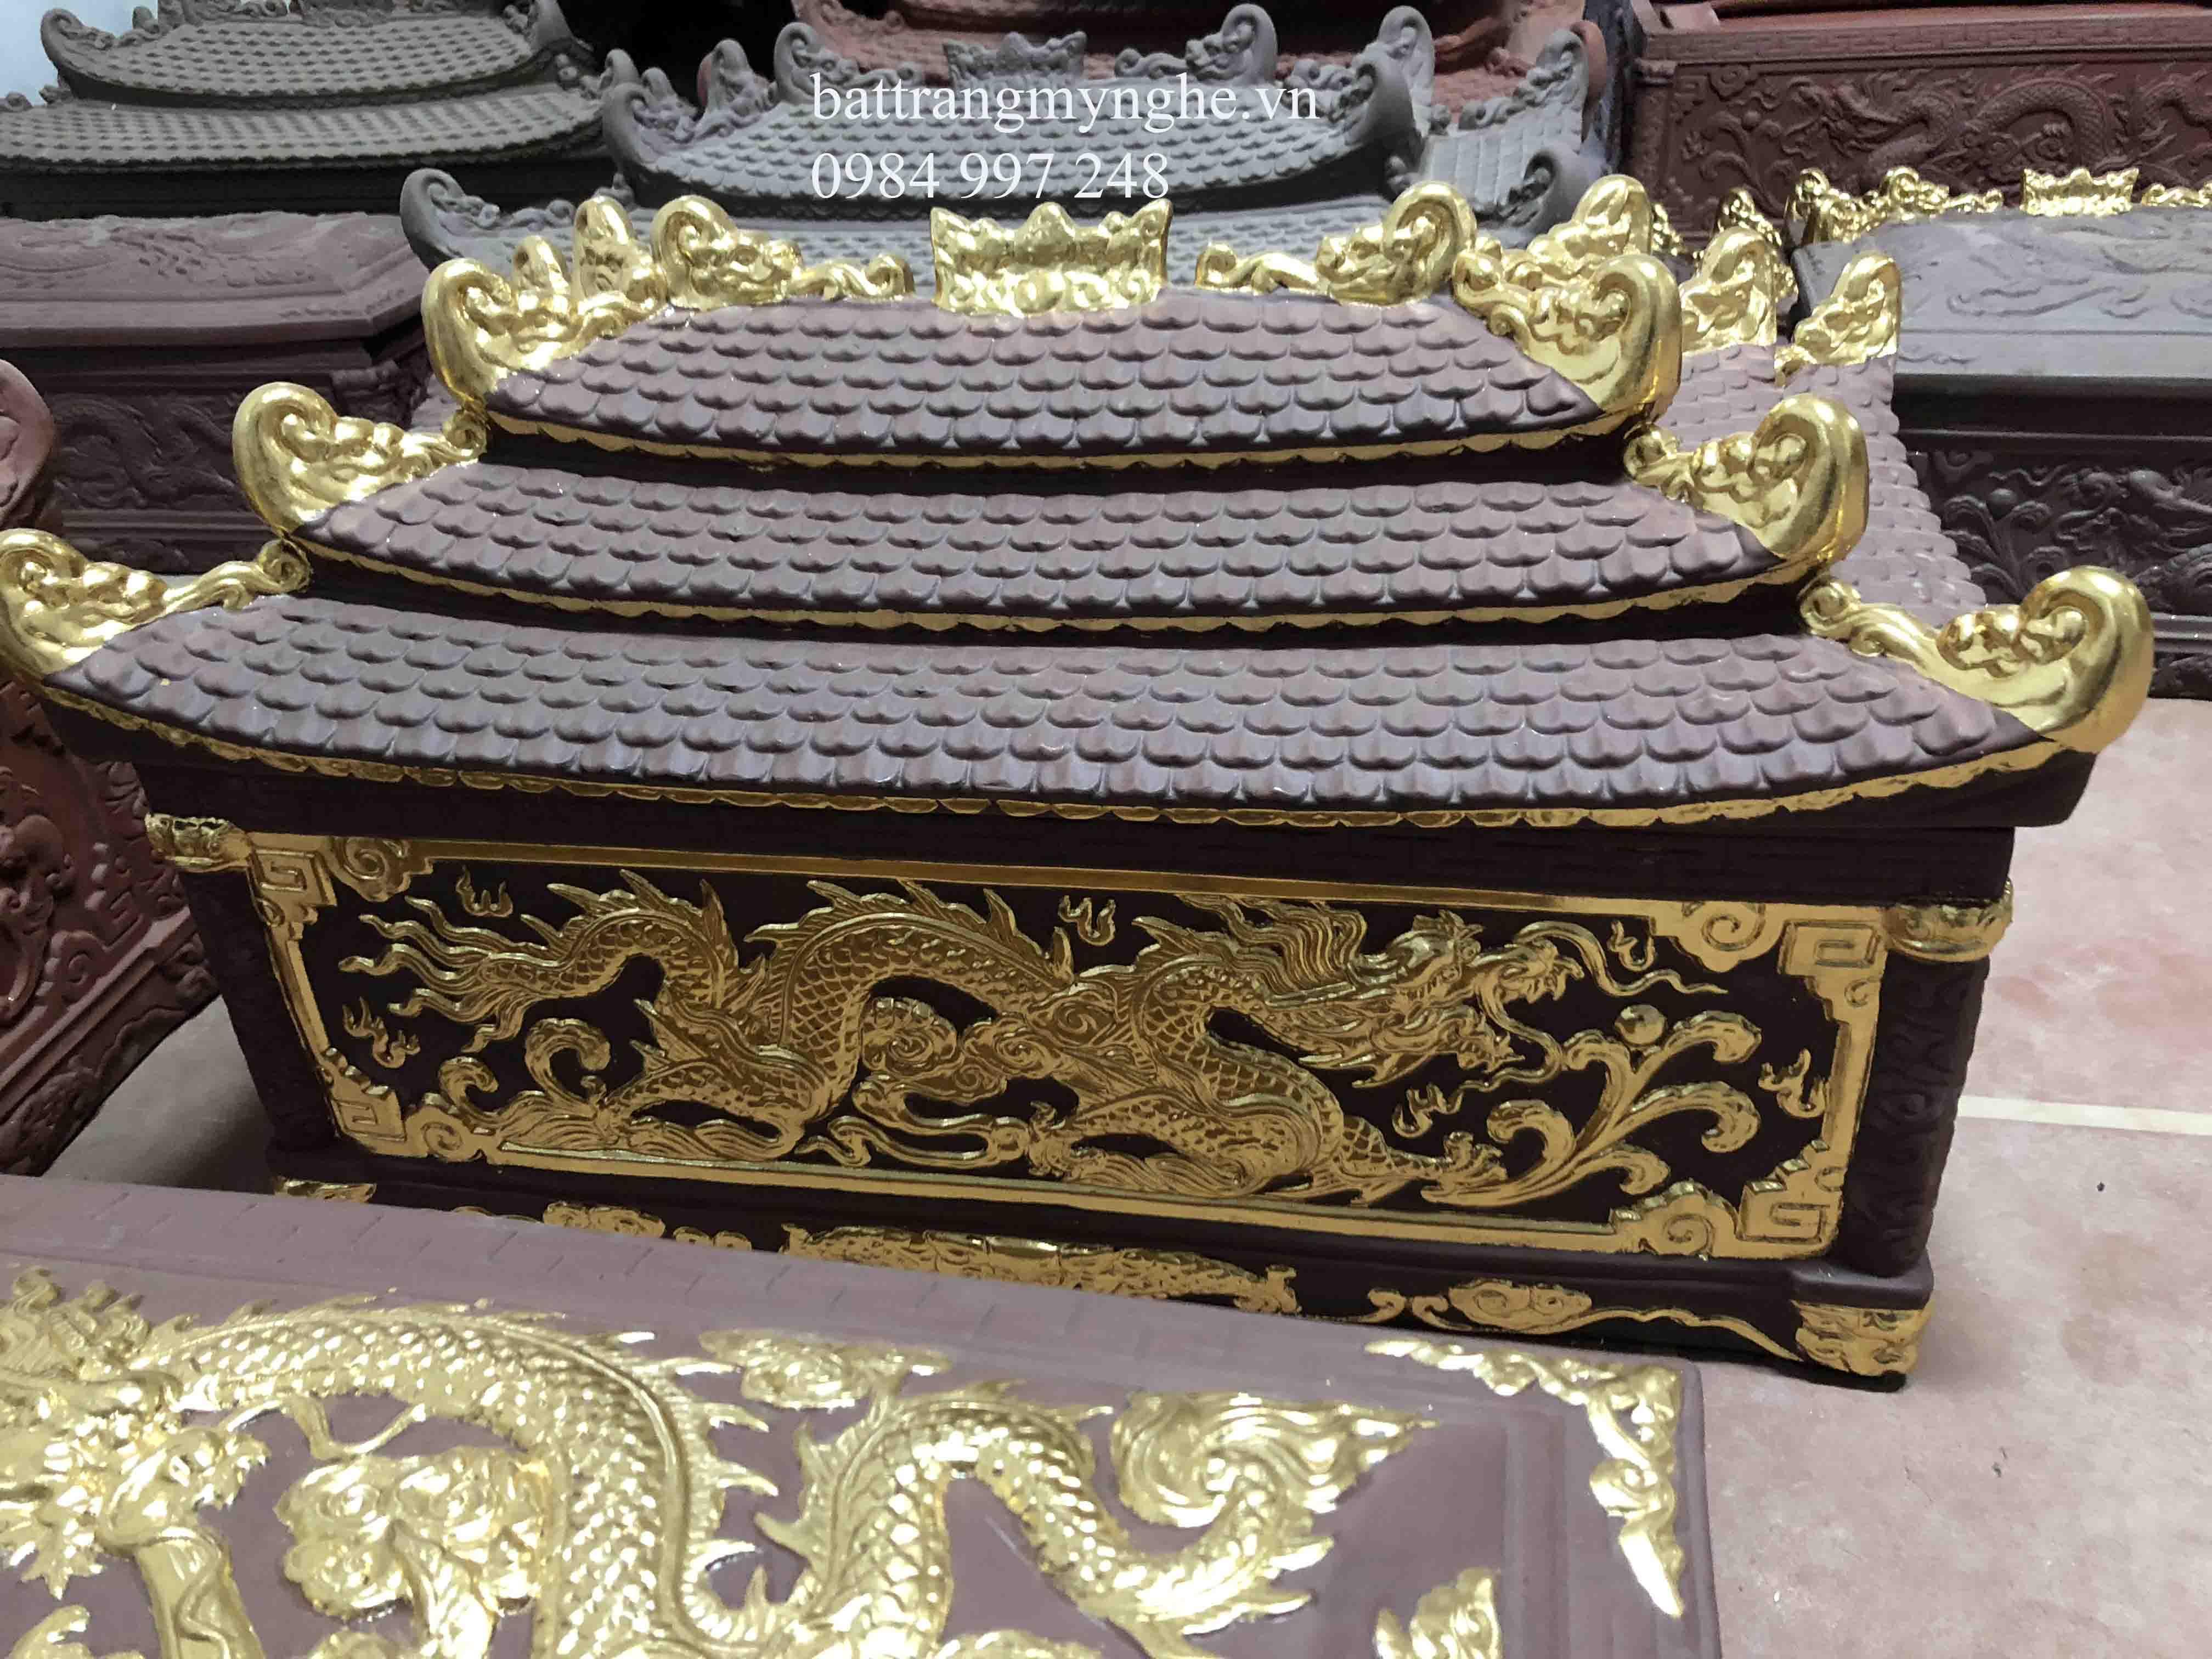 Quách tiểu sành vẽ vàng ba mái